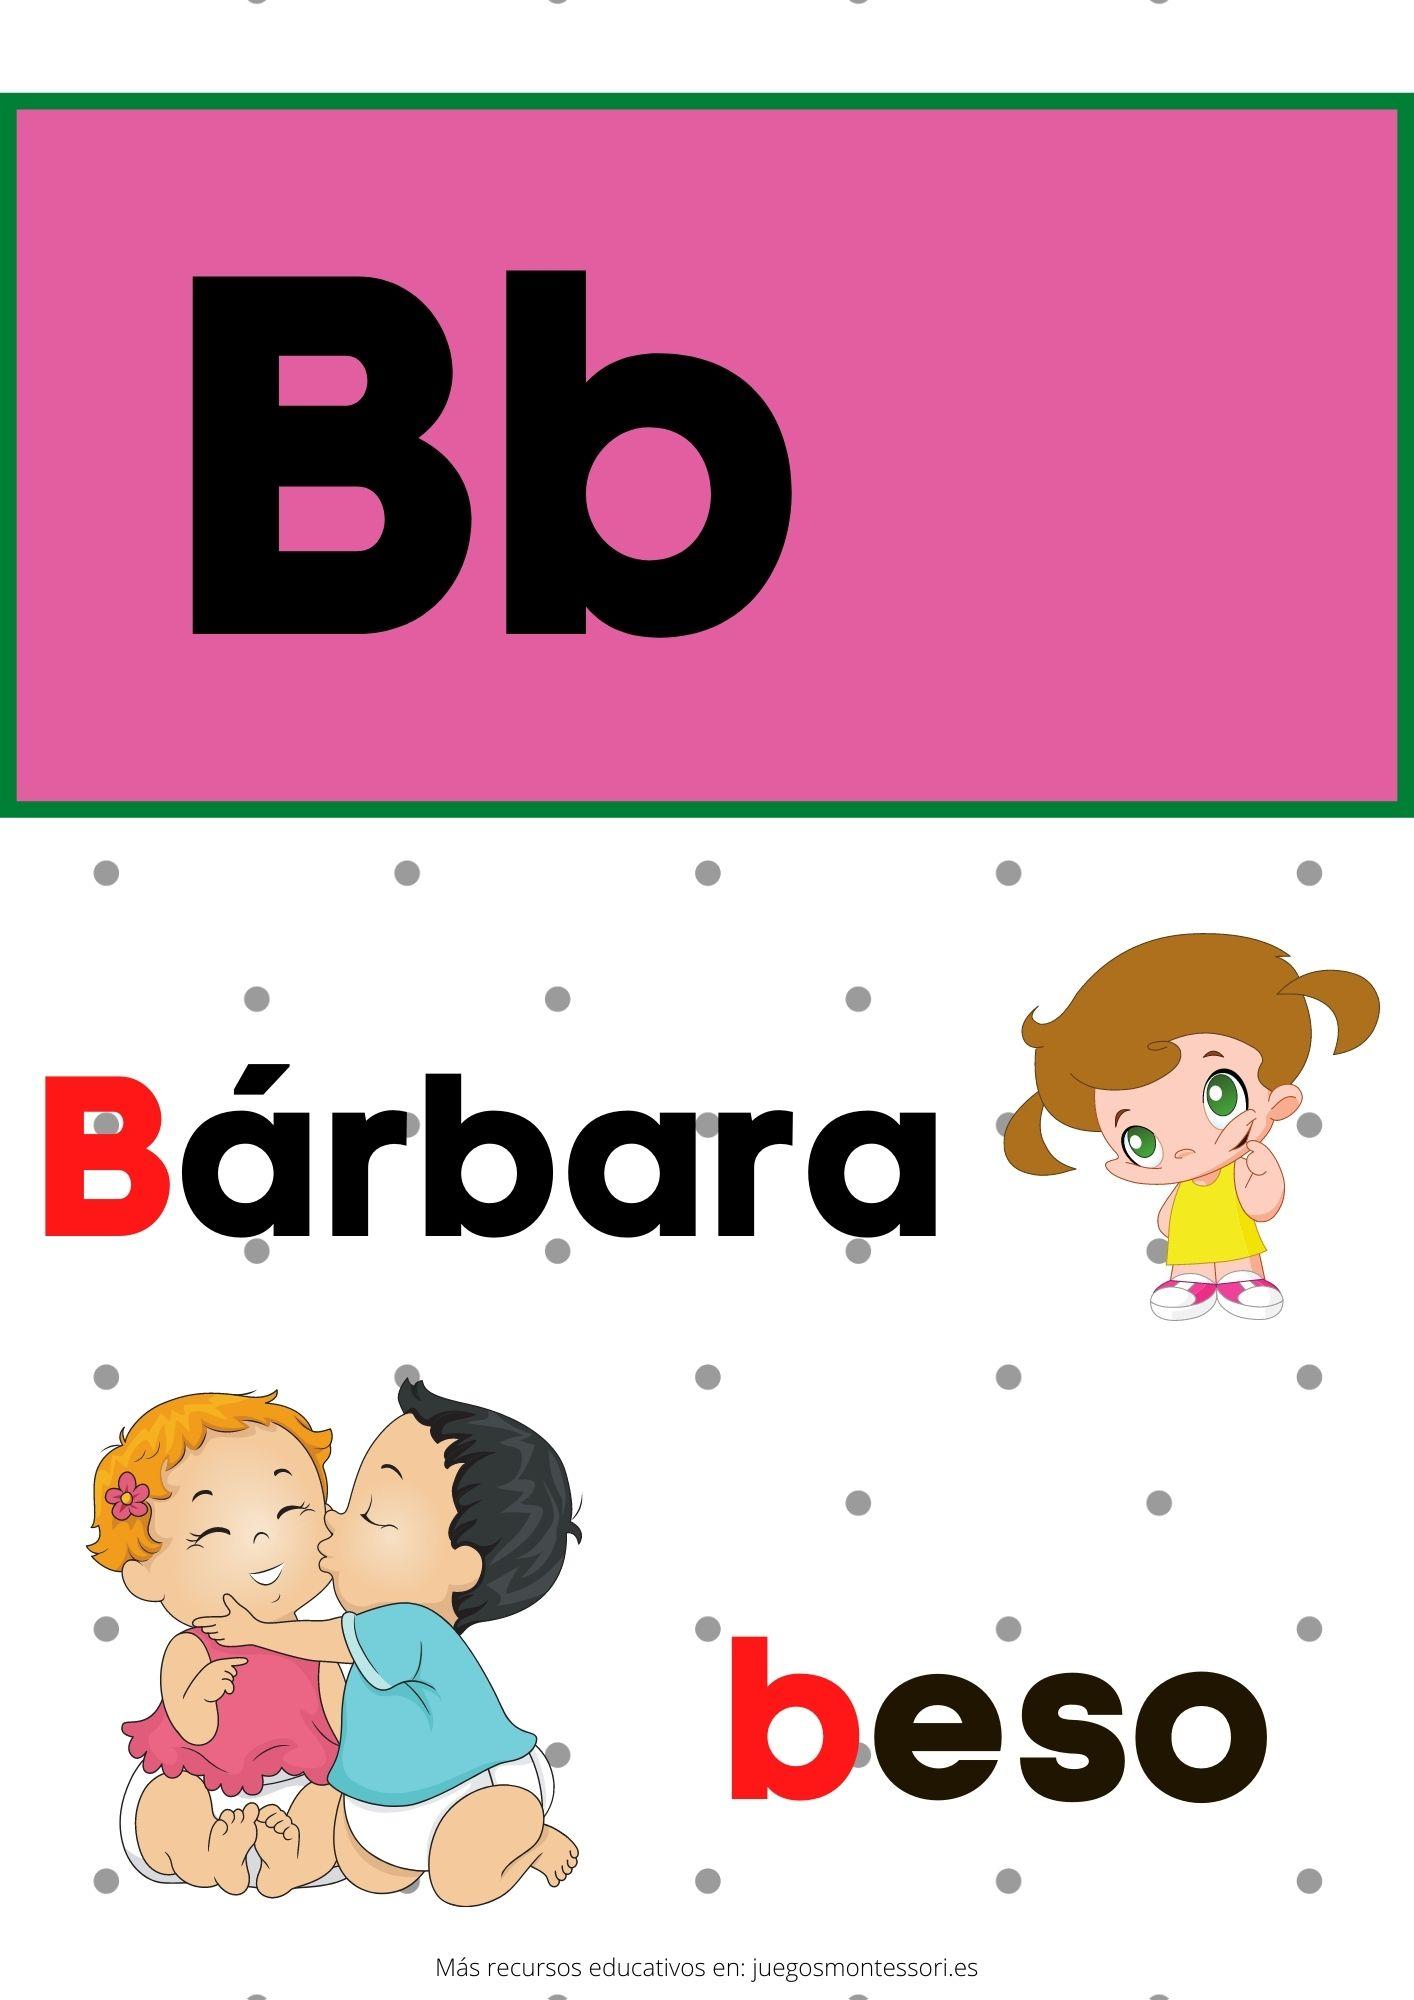 B abecedario letras separadas y grandes